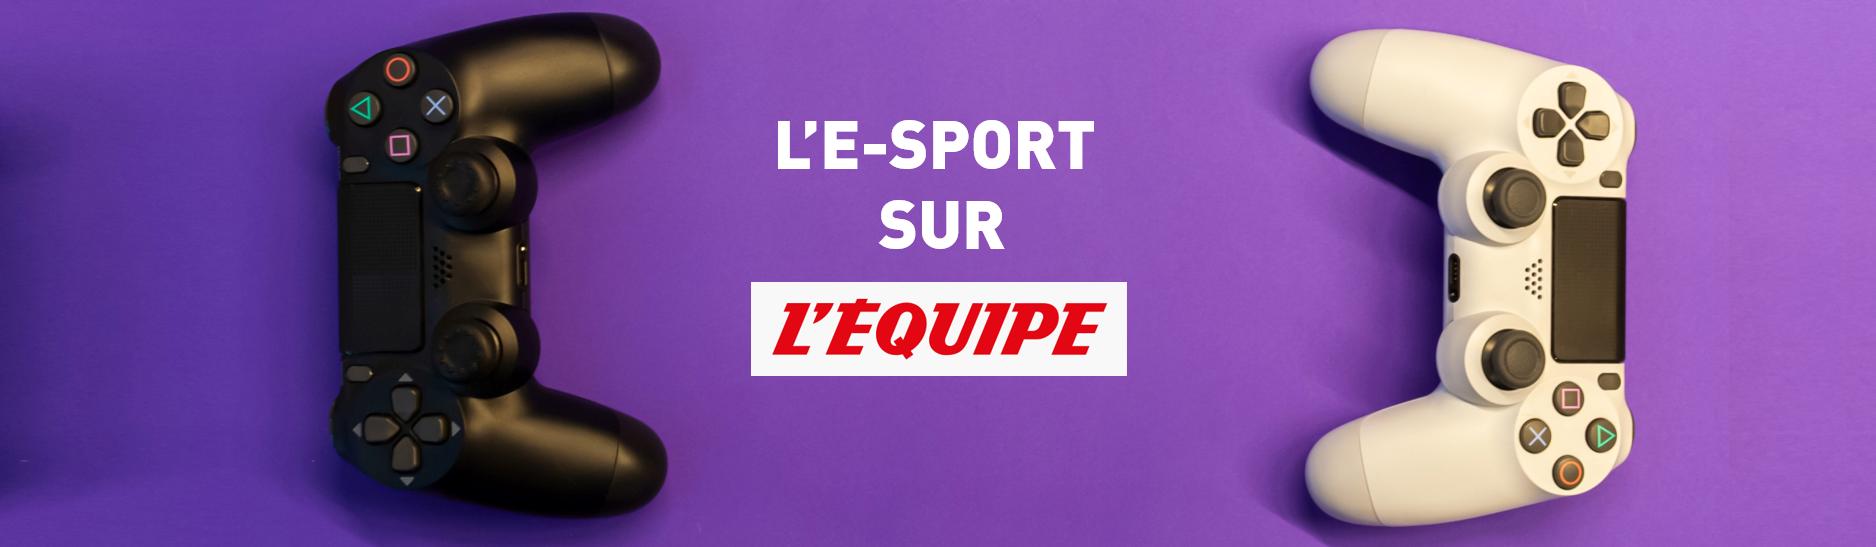 Bannière Offre E Sport - Offre E-sport